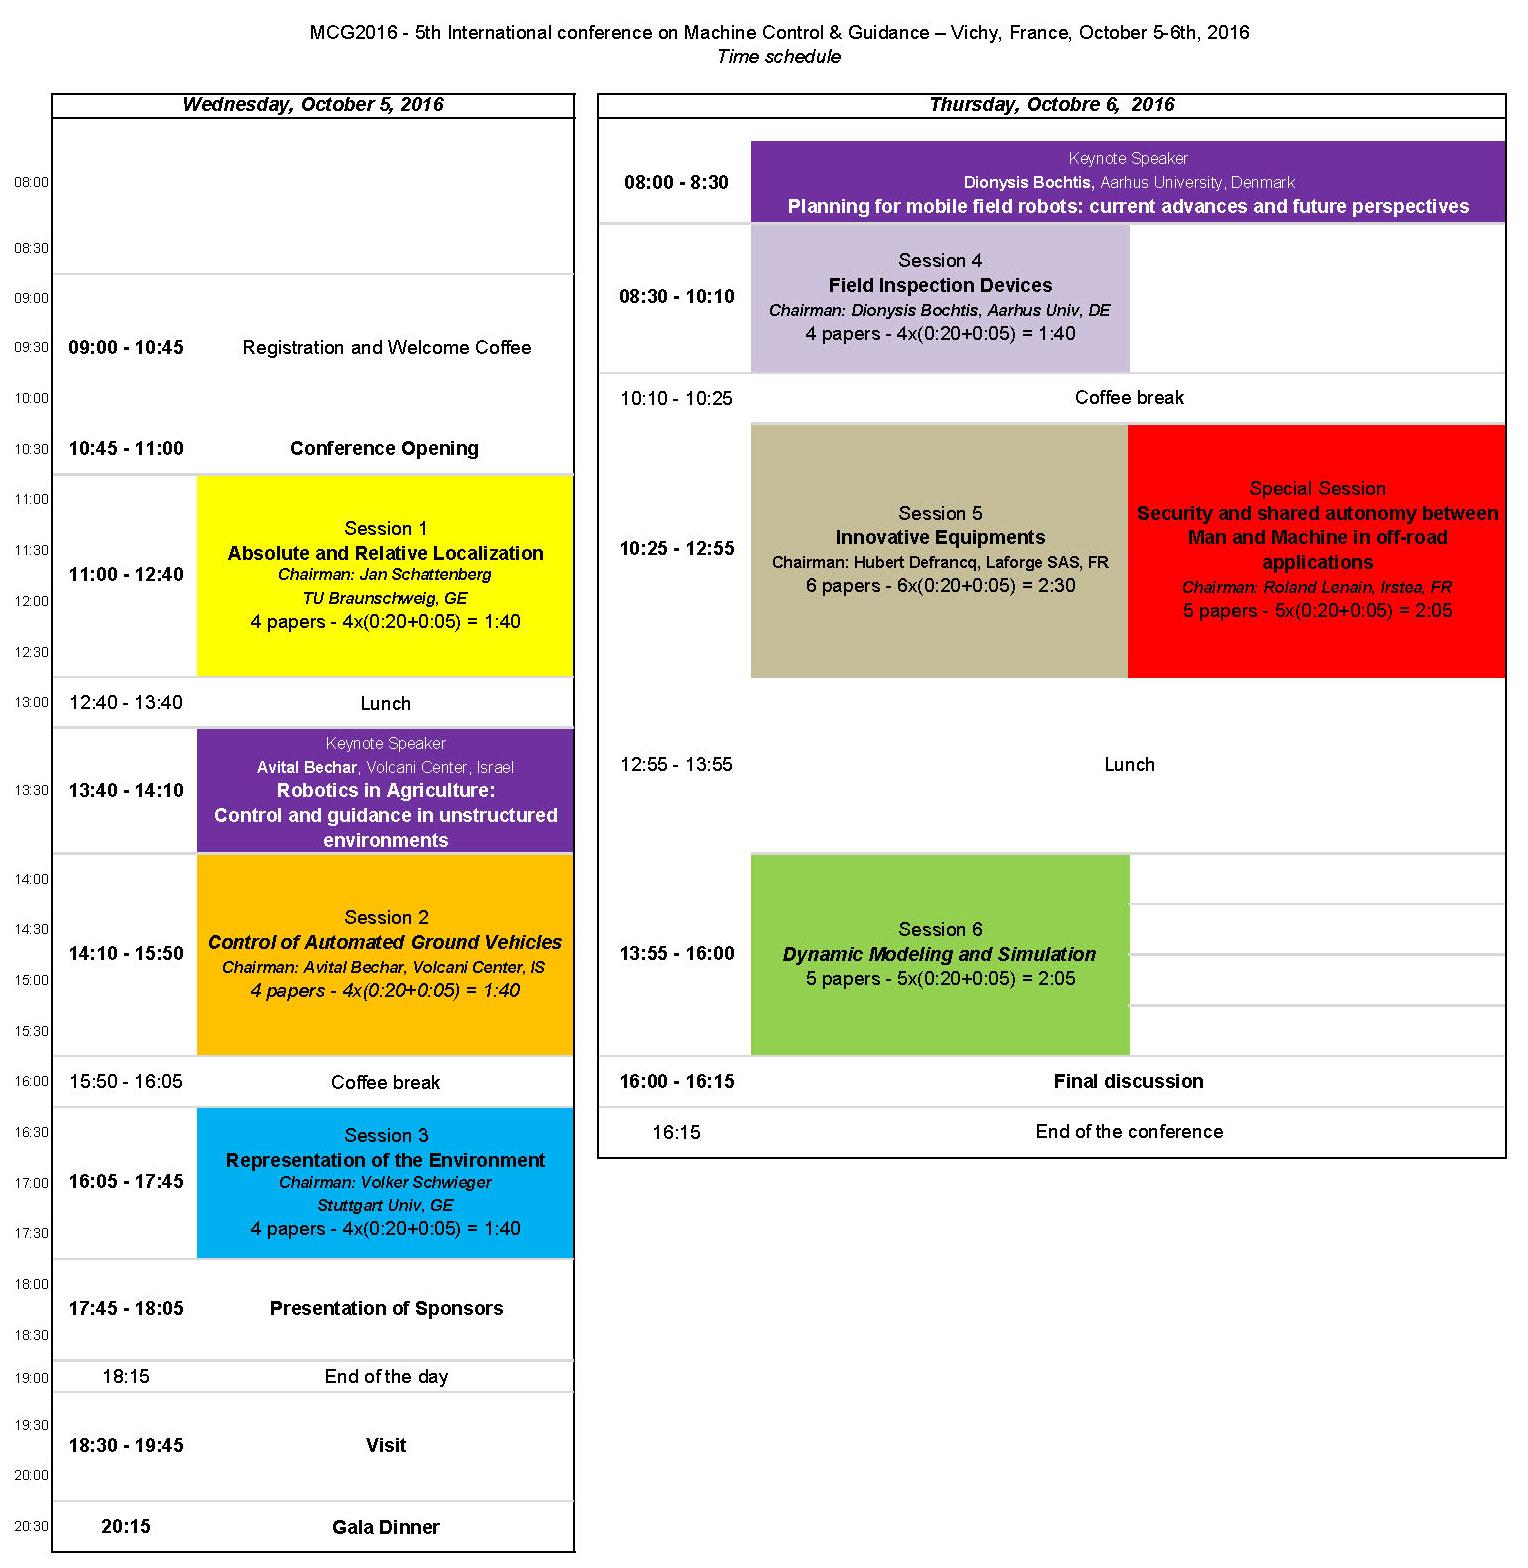 mcg2016_programme_timeschedule